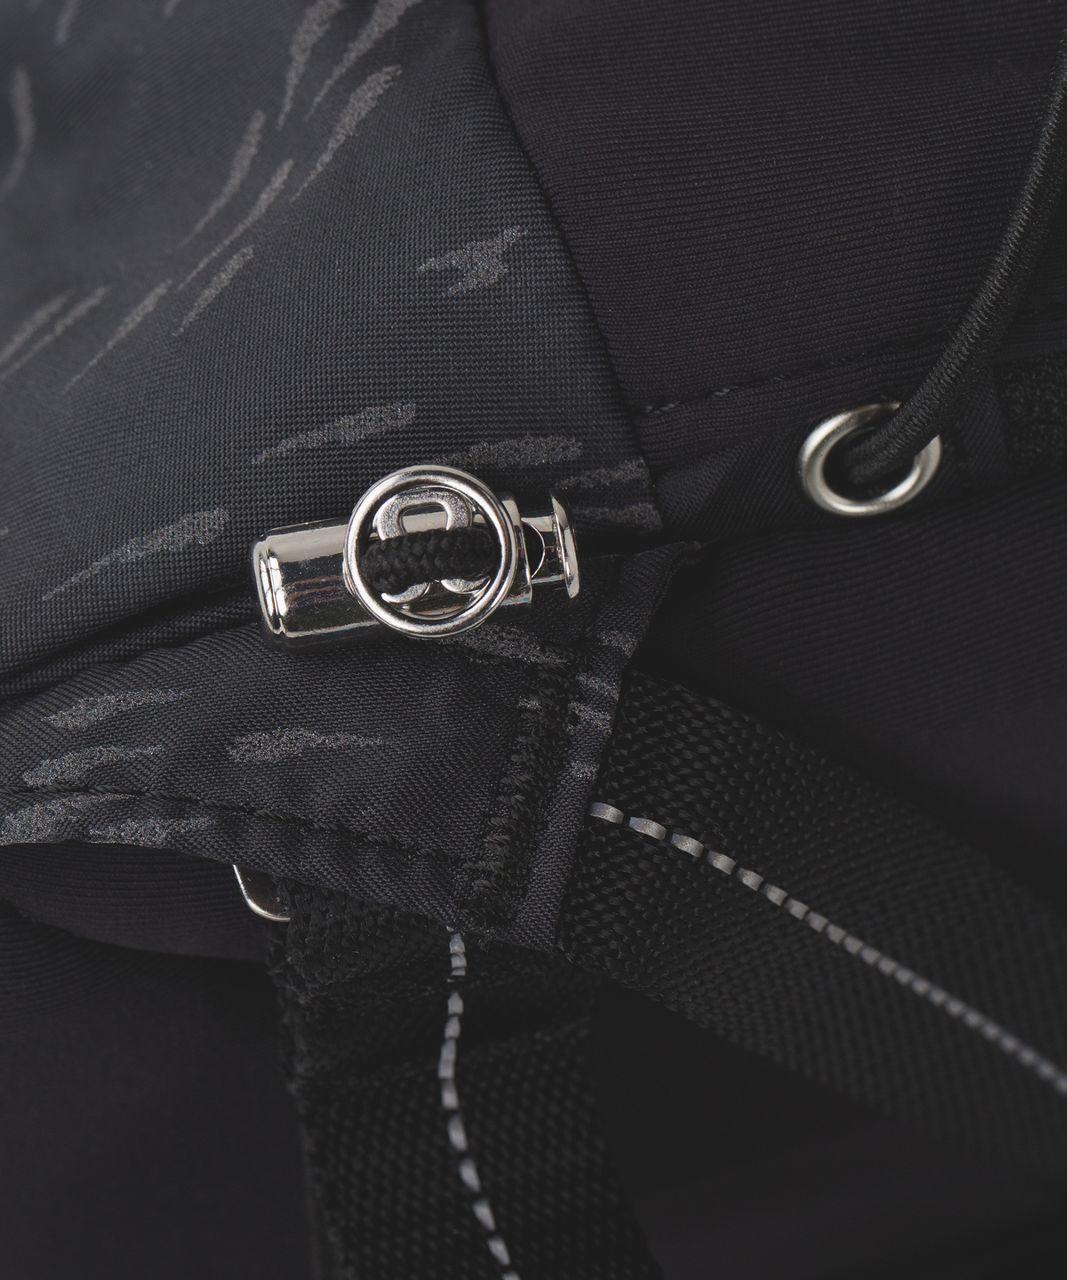 Lululemon Run All Day Backpack - Pitter Patter Bold Stripe Deep Coal Black